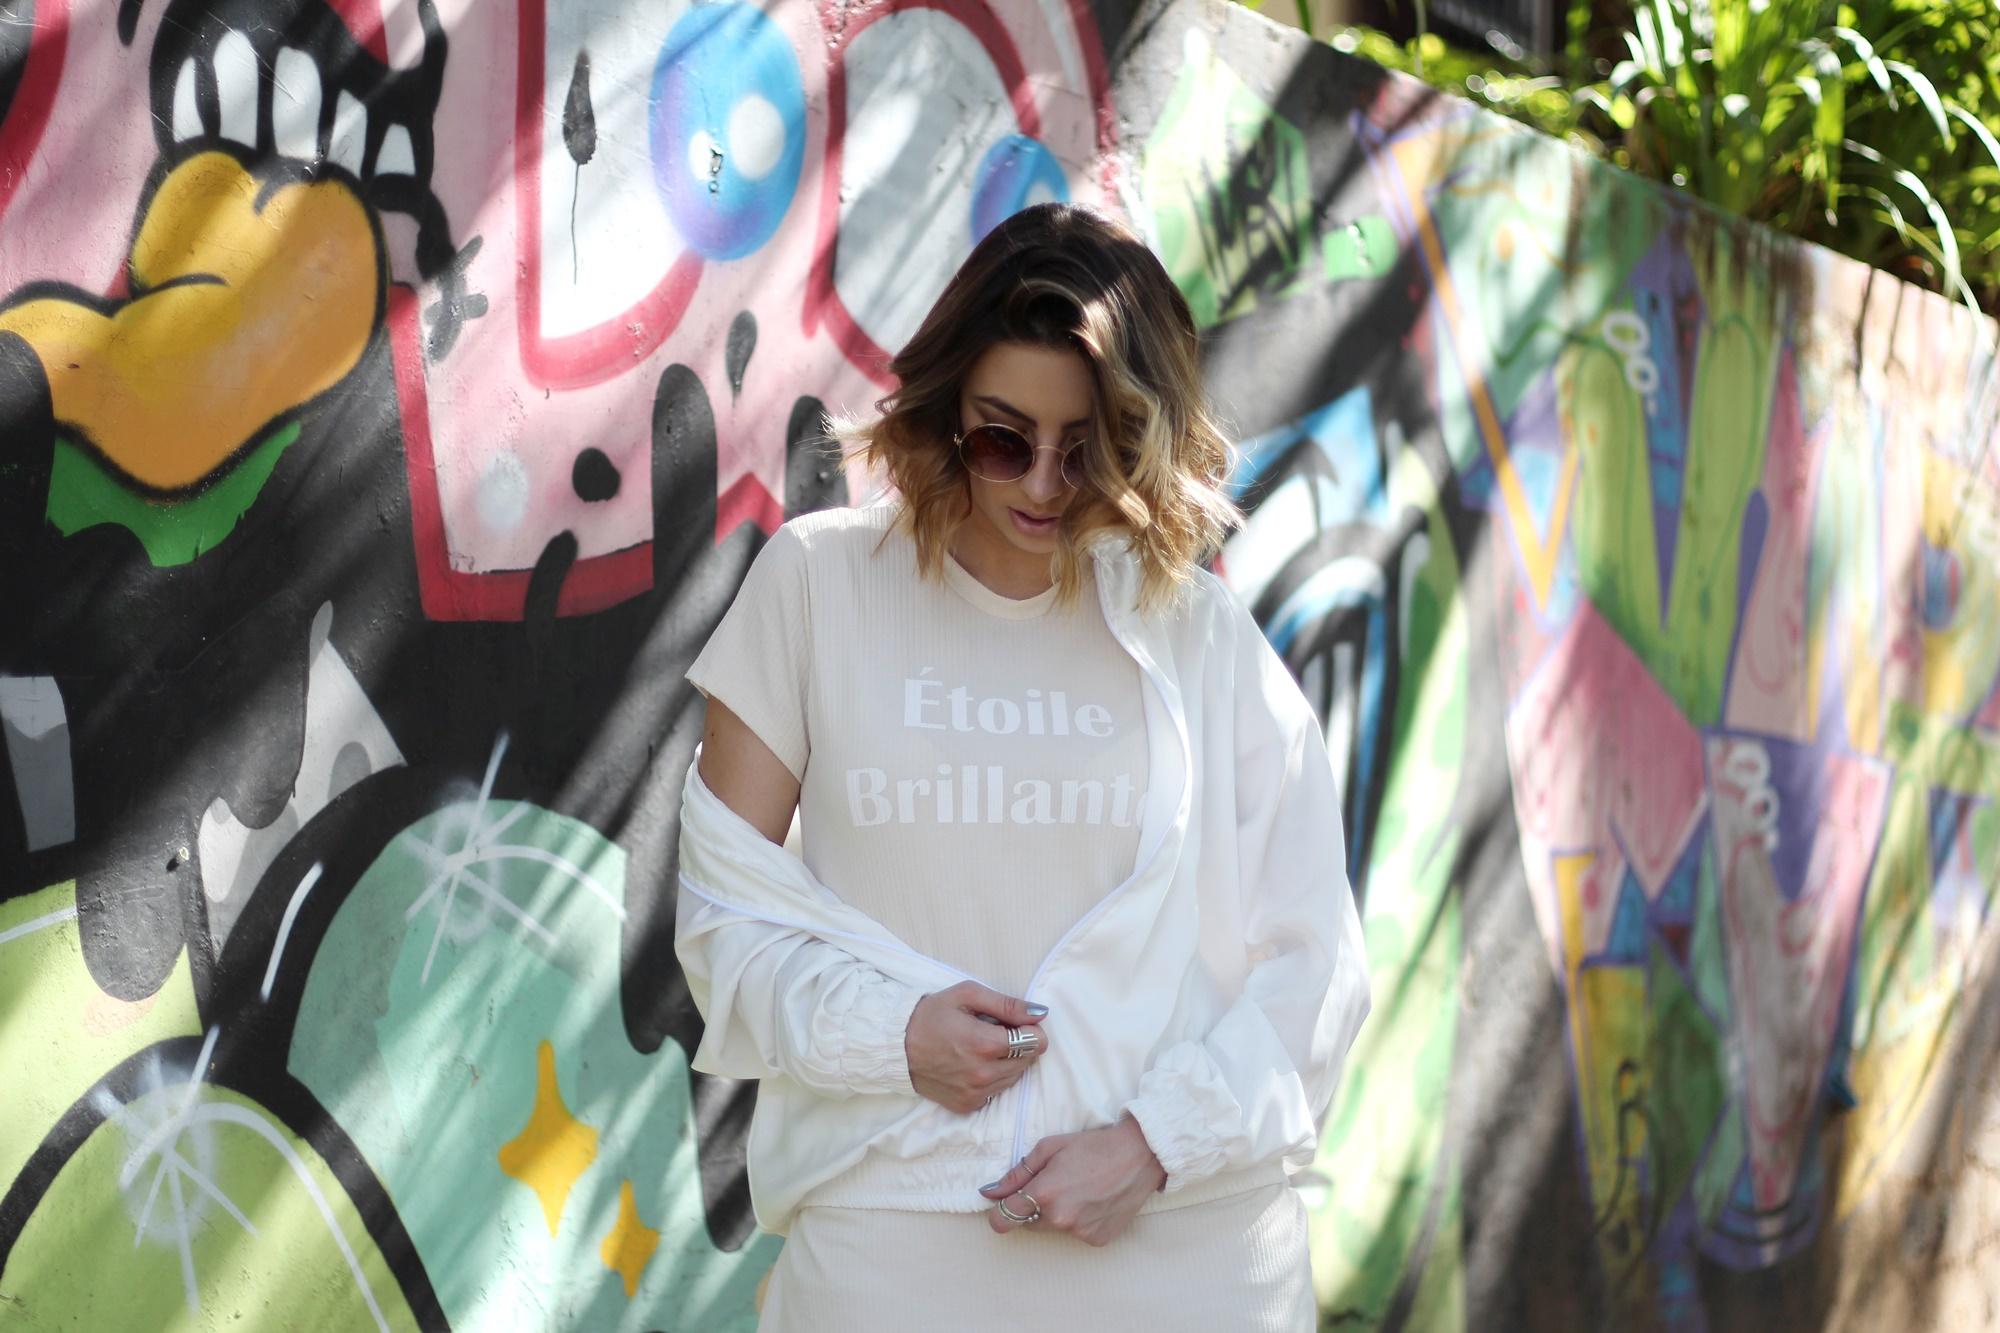 tendencia-verao-2016-vestido-camisao-bomber-blog-vanduarte-8